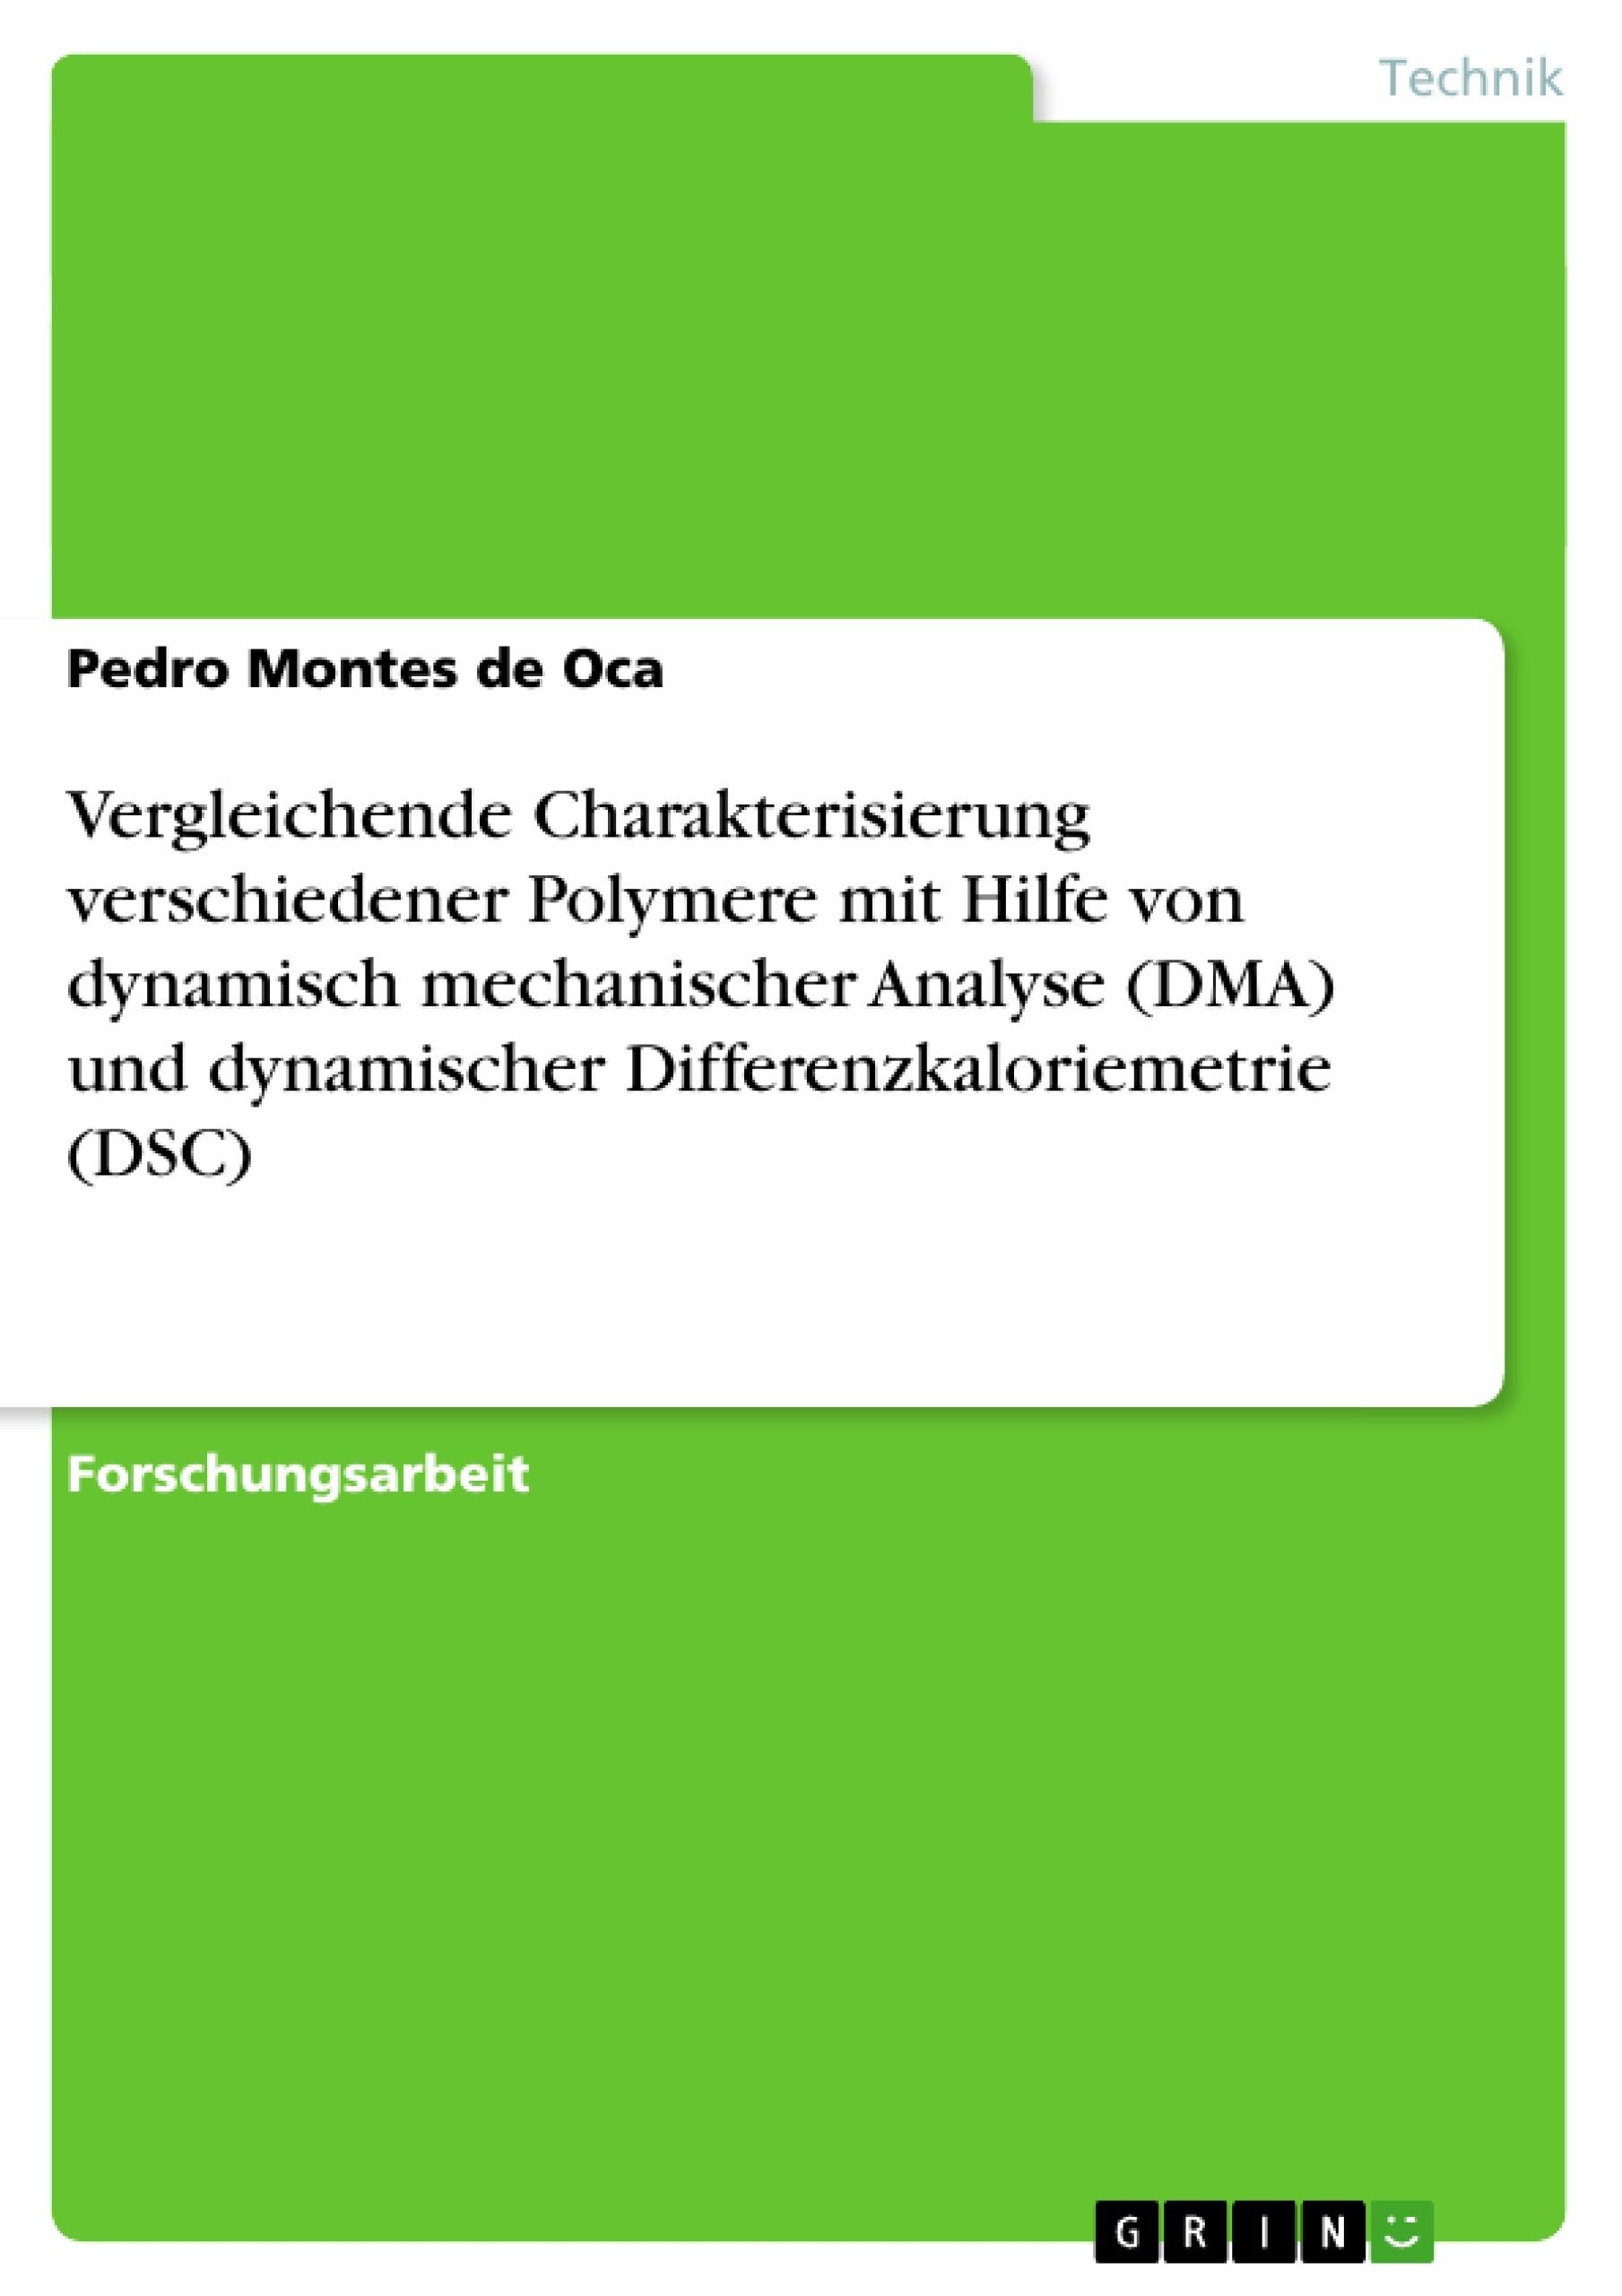 Titel: Vergleichende Charakterisierung verschiedener Polymere mit Hilfe von dynamisch mechanischer Analyse (DMA) und dynamischer Differenzkaloriemetrie (DSC)